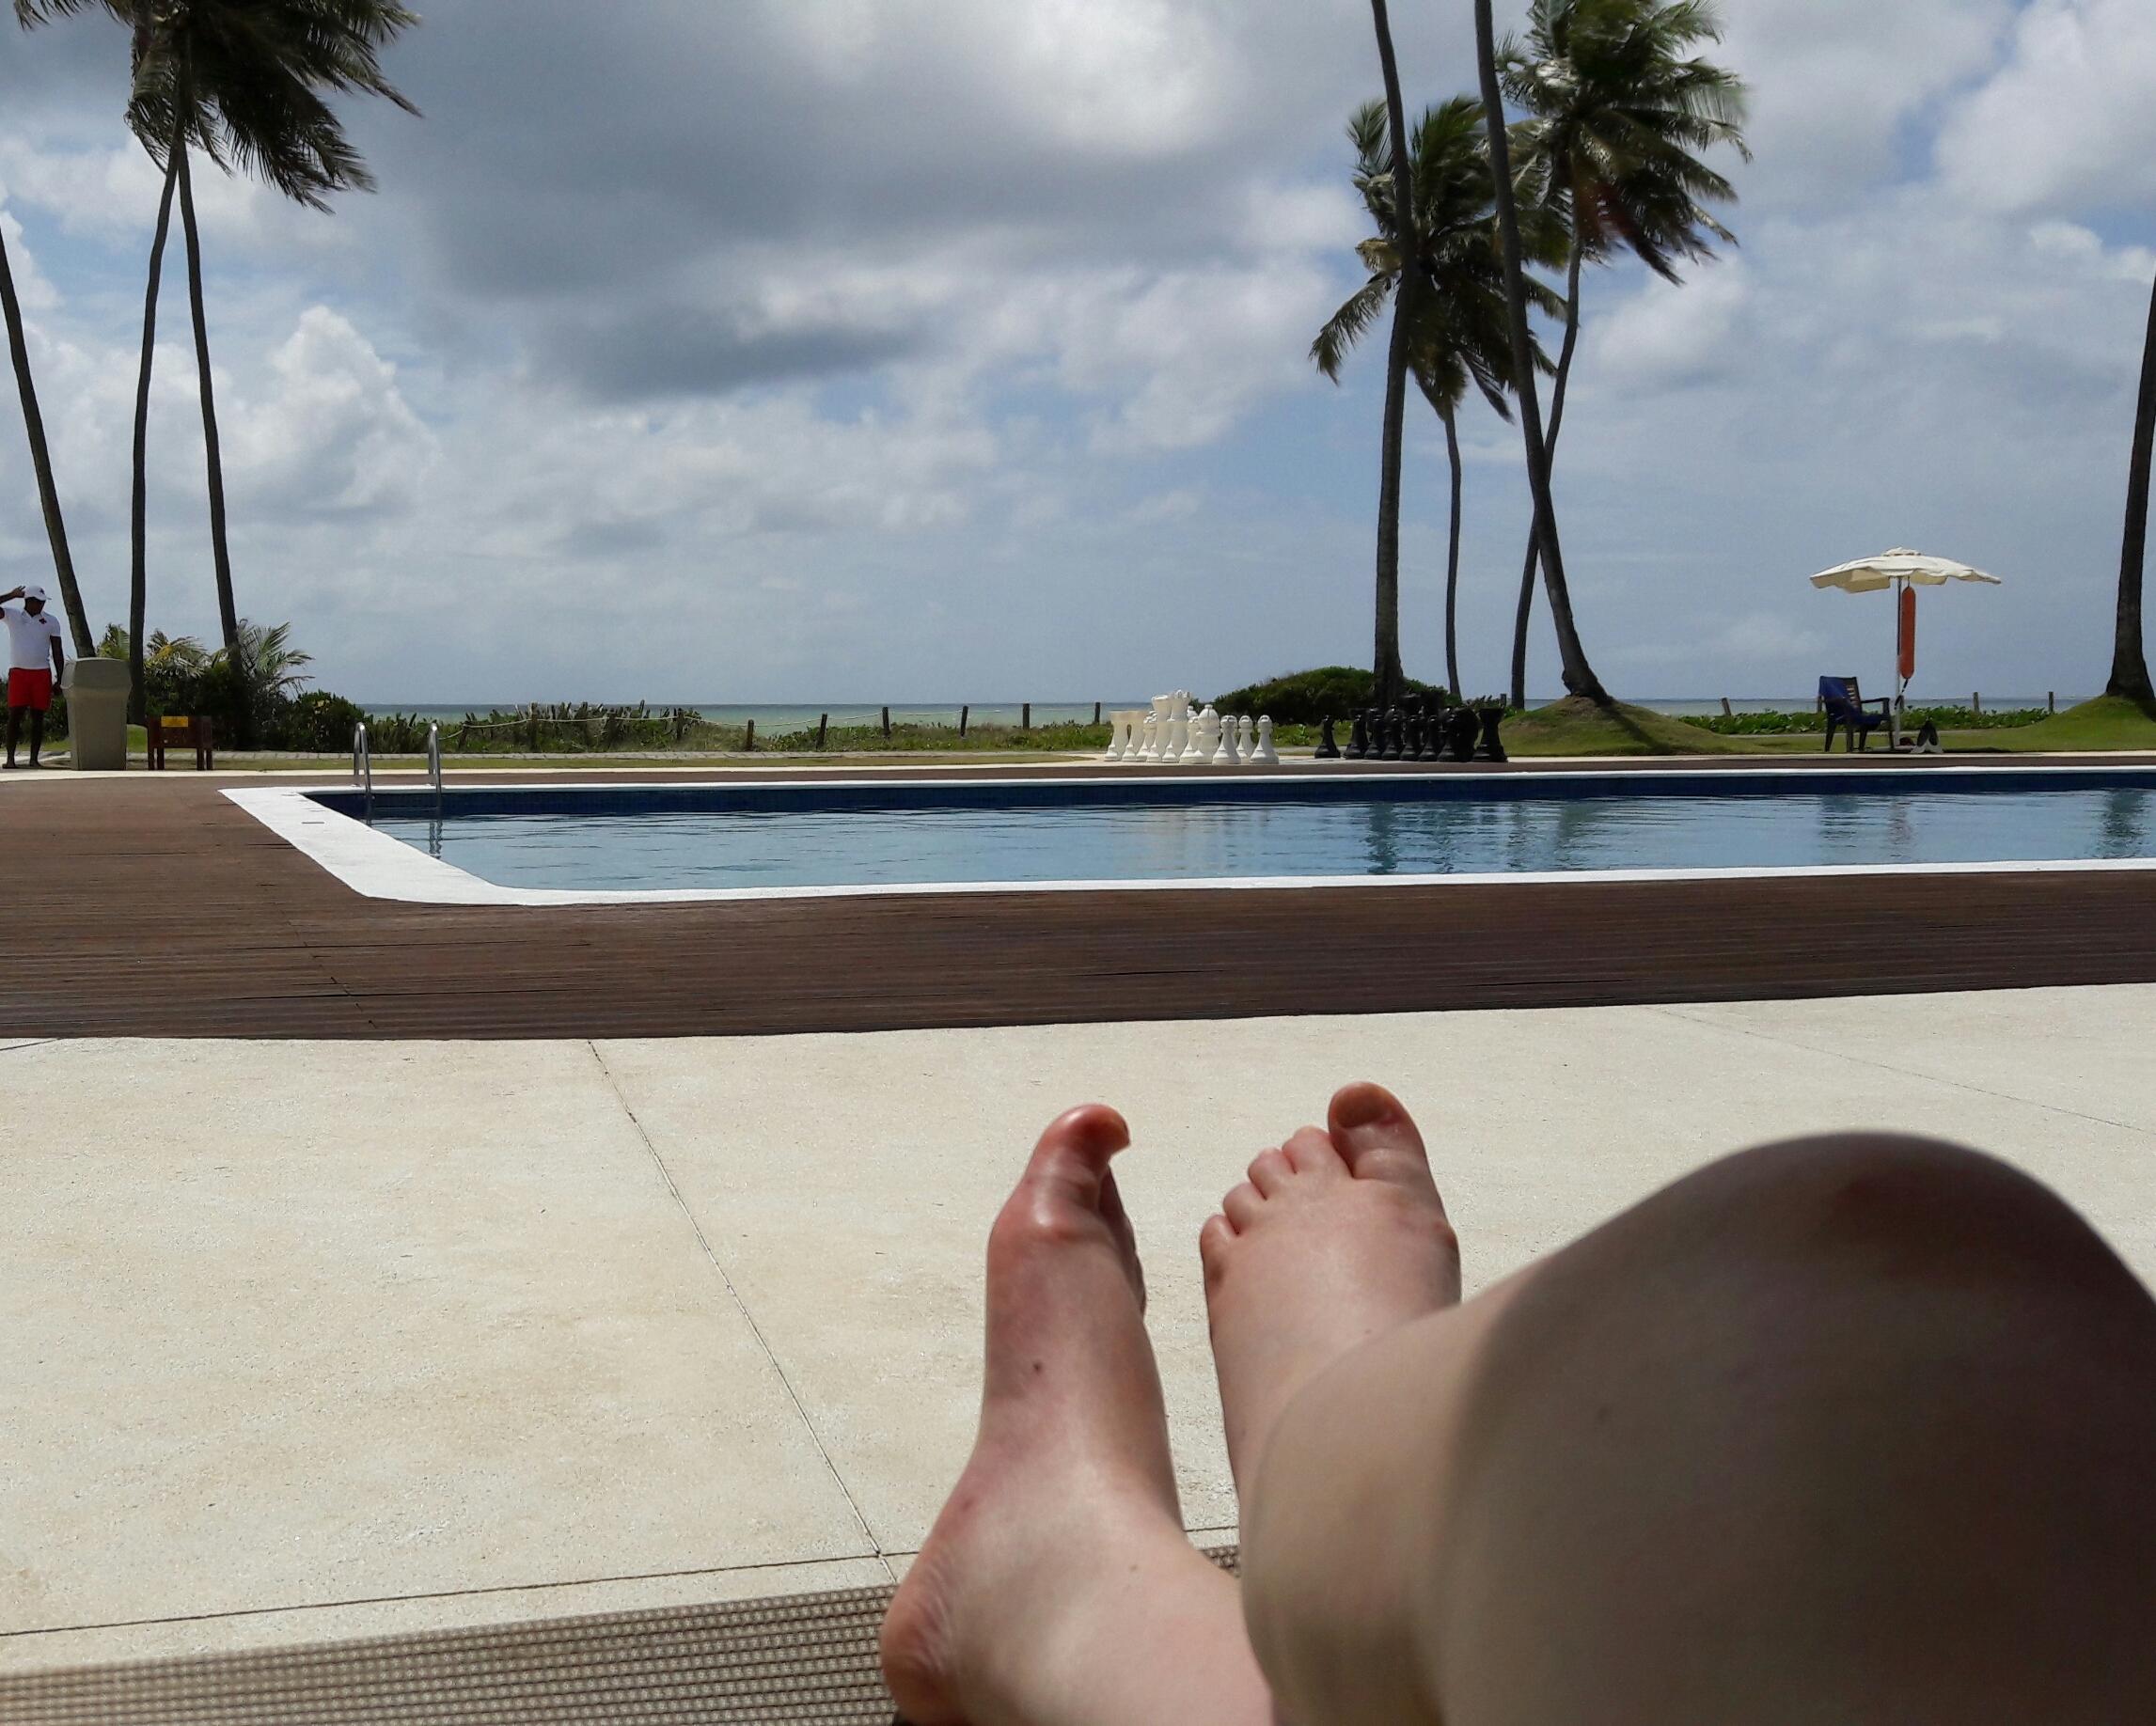 fe60e88b4 Da piscina mais calma, também se pode contemplar o mar.